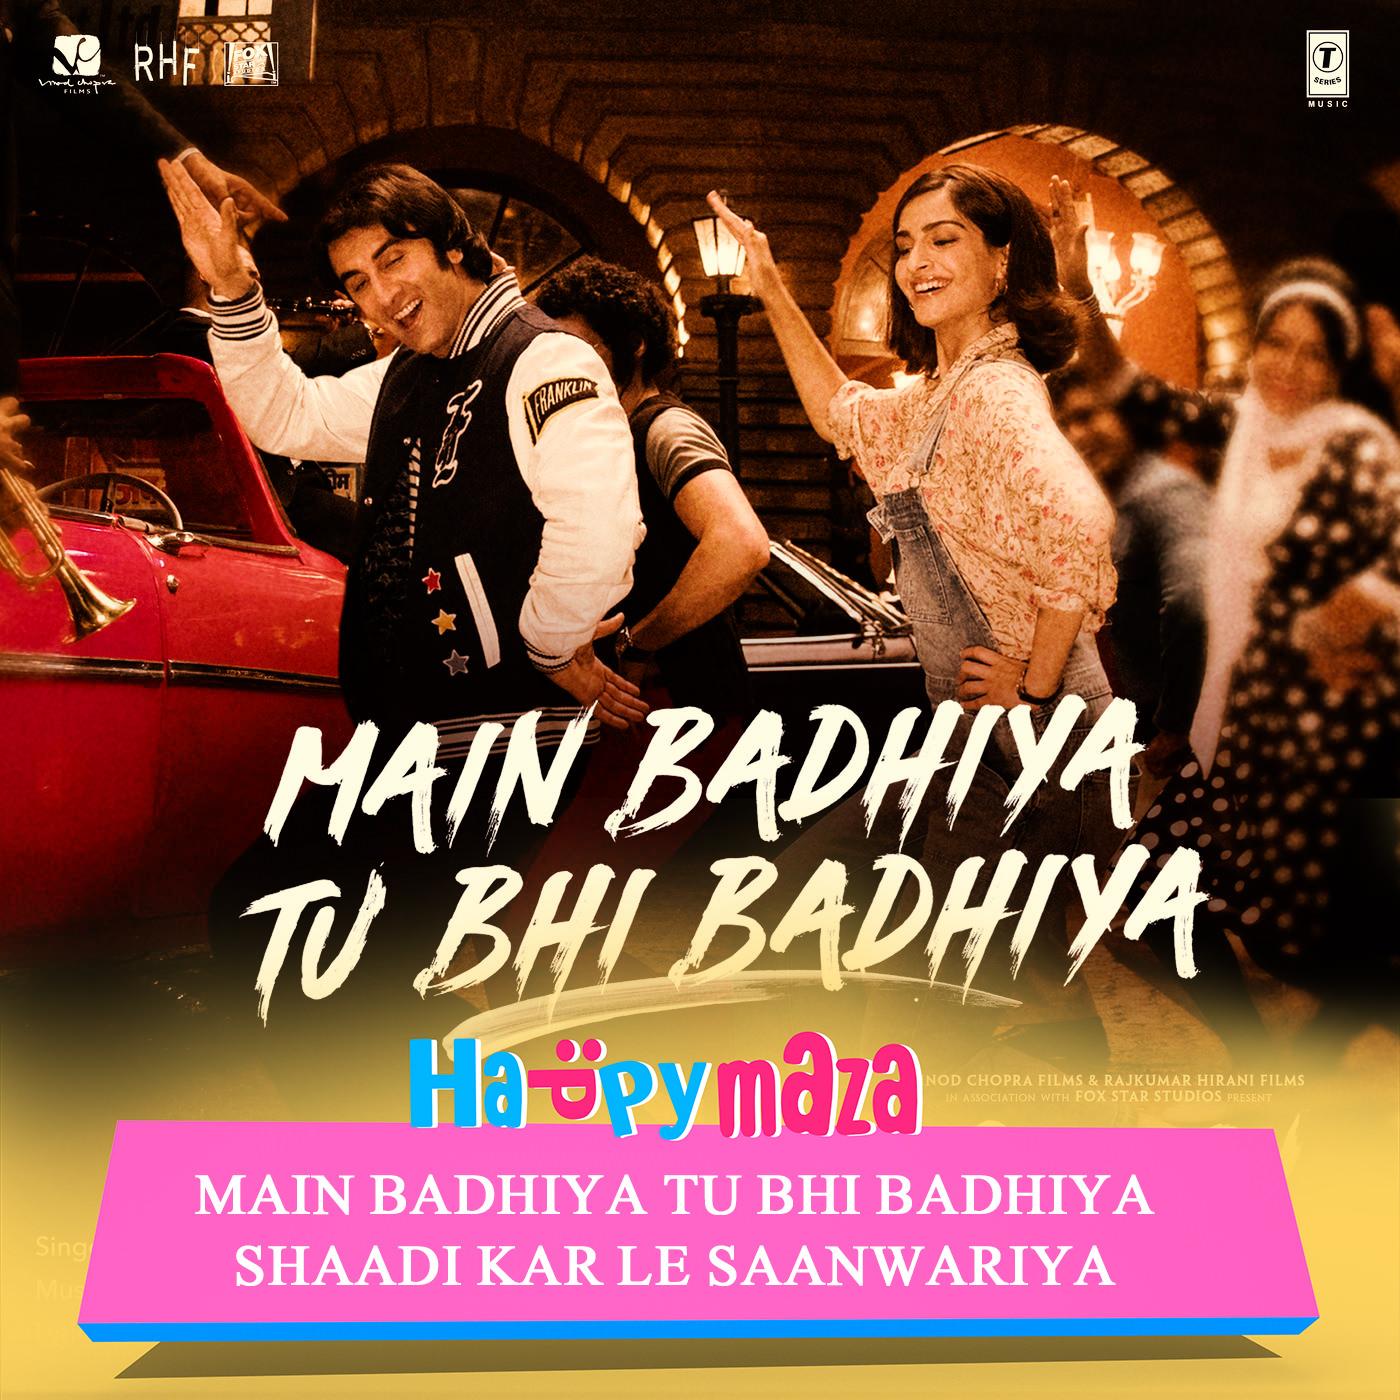 Main Badhiya Tu Bhi Badhiya Lyrics - SANJU - Sonu Nigam & Sunidhi Chauhan - 2018